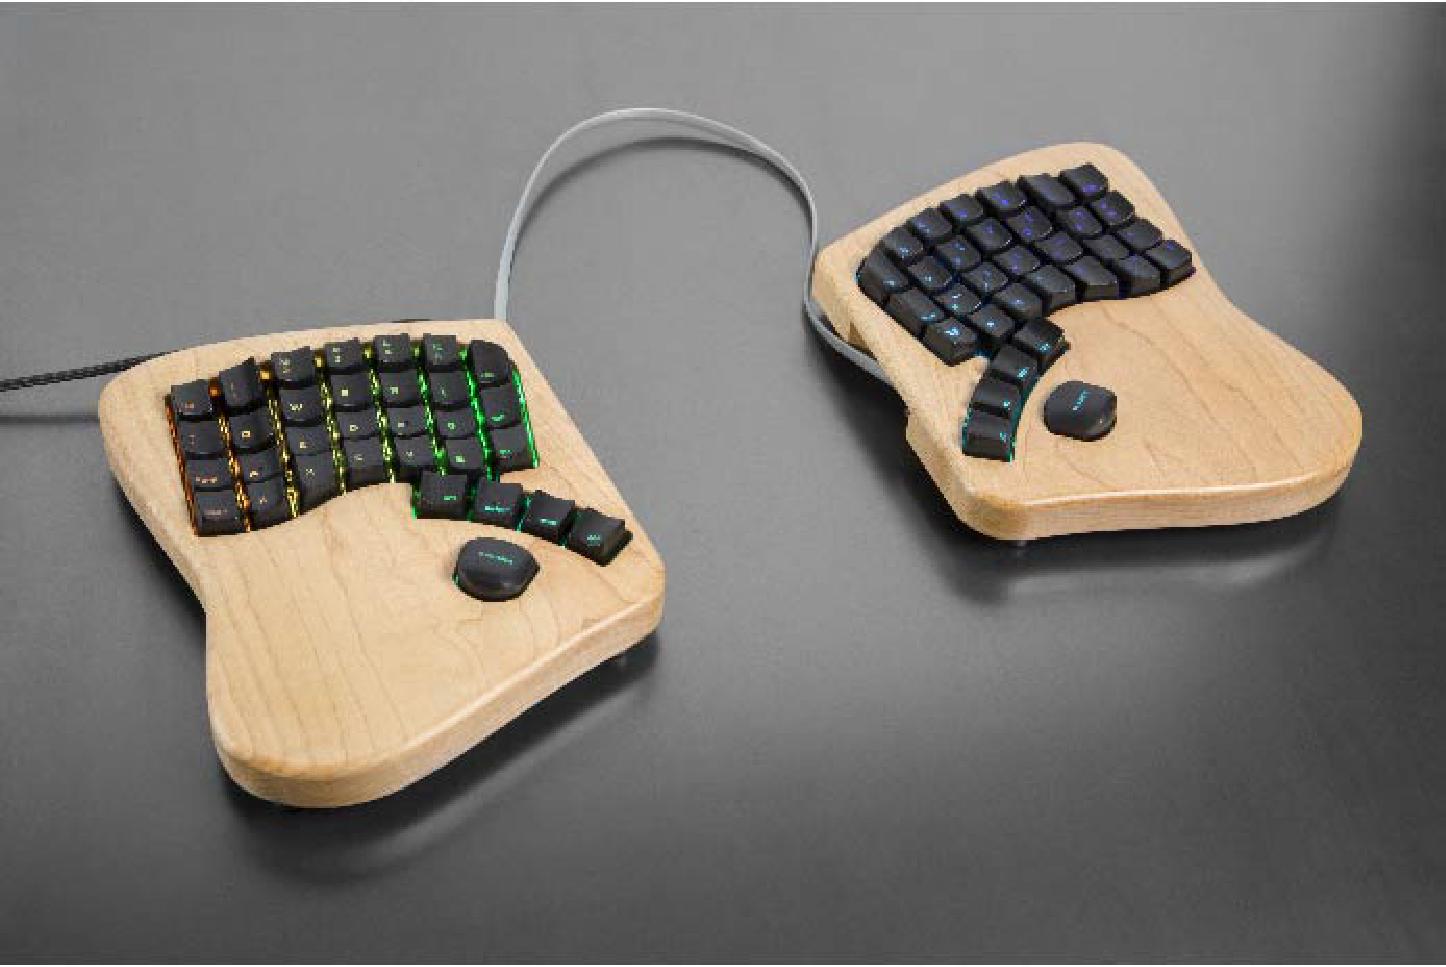 keyboardio.how-easyship-helped.img-alt-keyboardio-separated